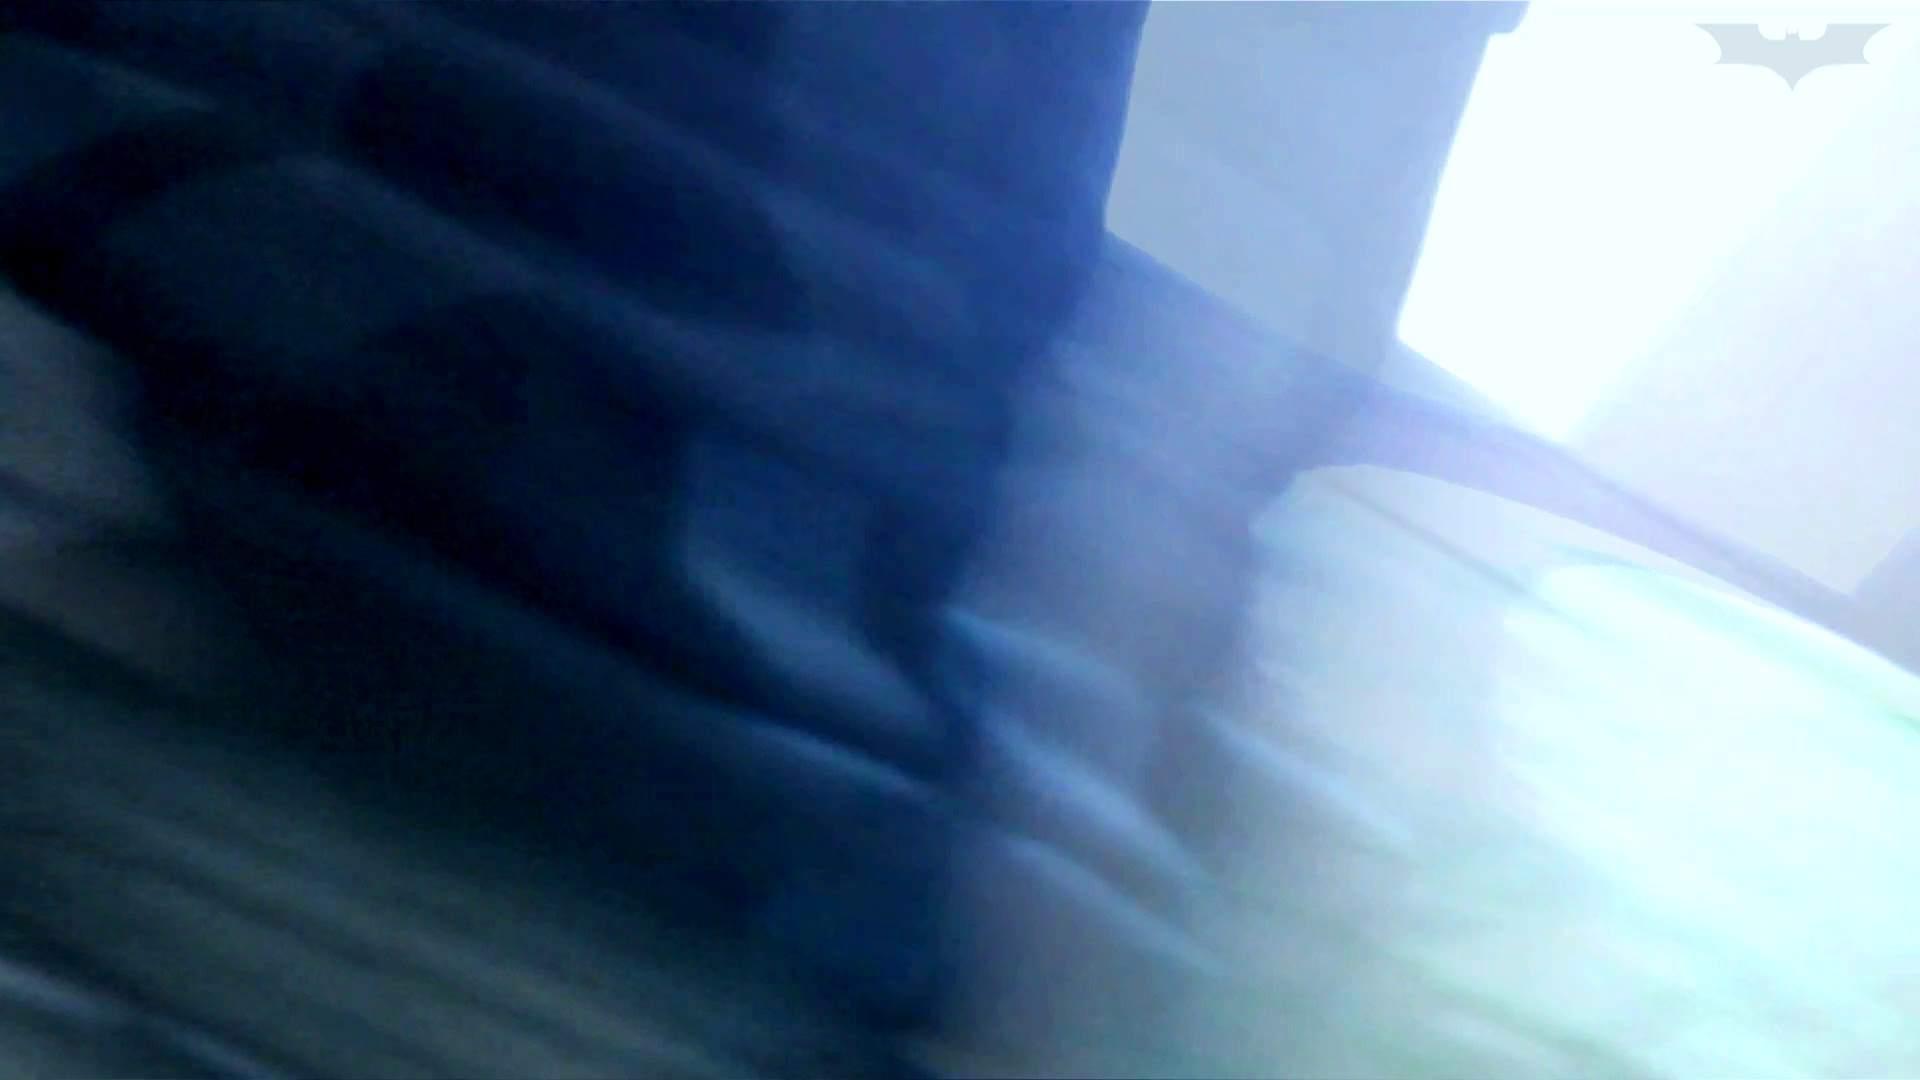 ステーション編 vol.36 無料動画に登場したトップクラスモデル本番へ ギャルズ おめこ無修正画像 44画像 26